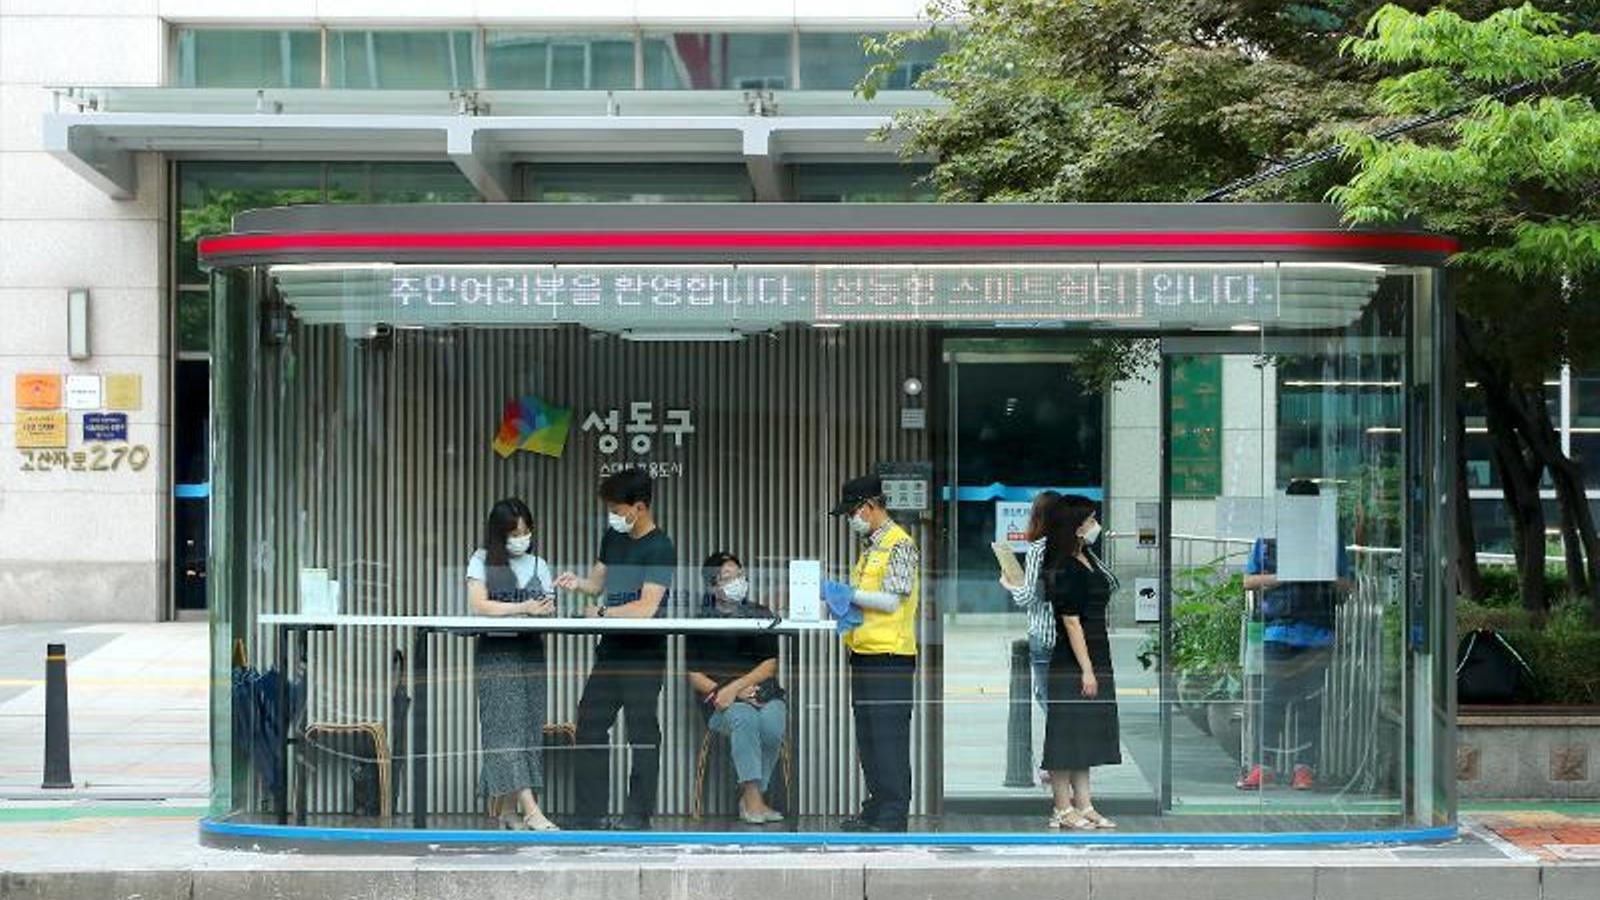 Parades de bus amb sensors de temperatura i aire net: l'últim invent de Corea del Sud per combatre el covid-19